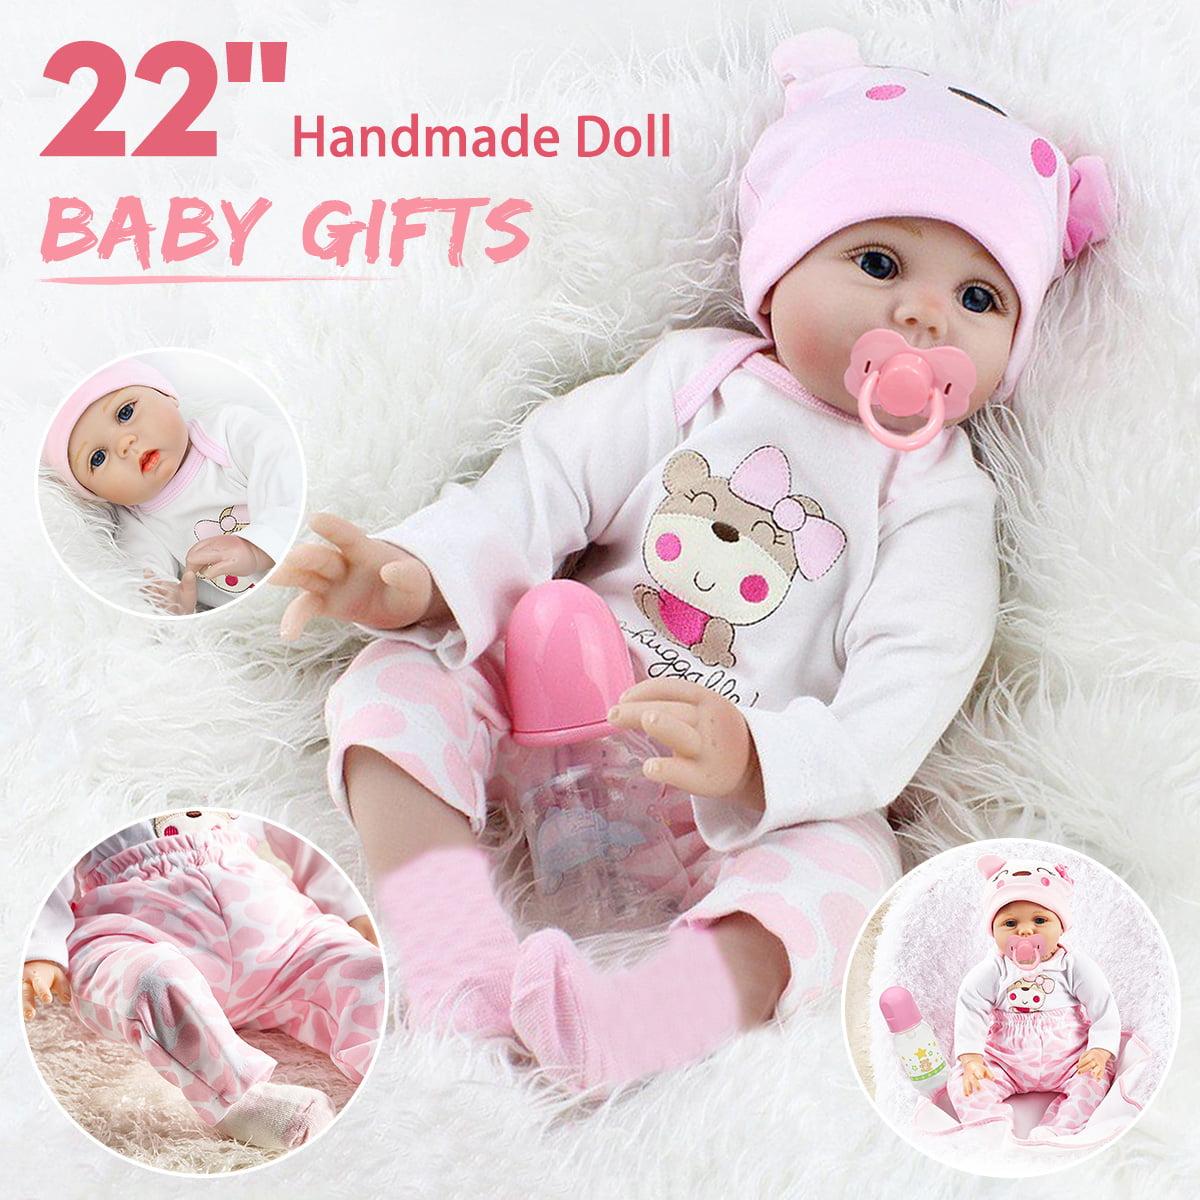 e0a631429fc3b Baby & Realistic Baby Dolls | Walmart Canada